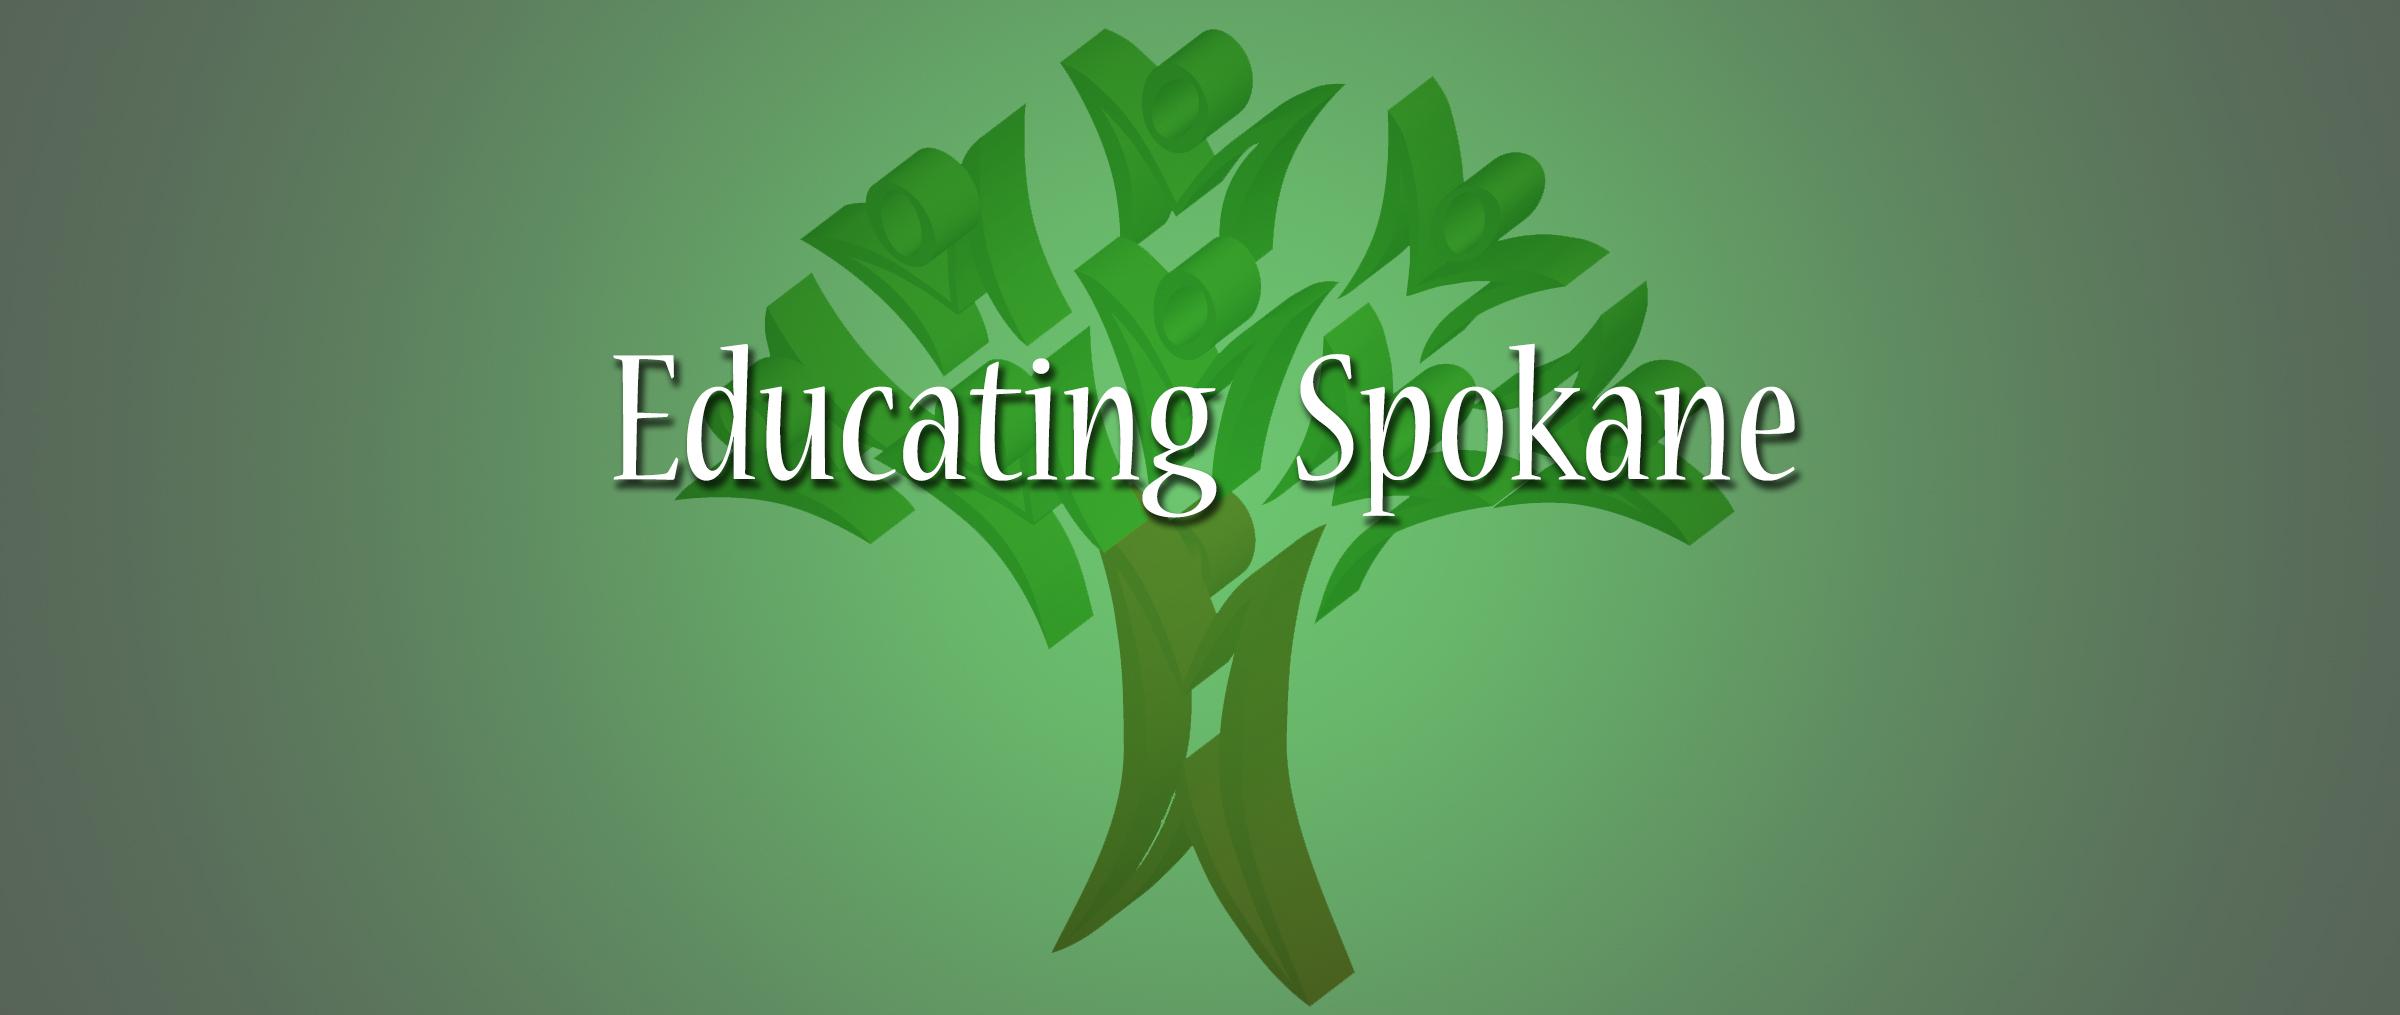 Education Spokane (KSPS/Spokane Public Schools)